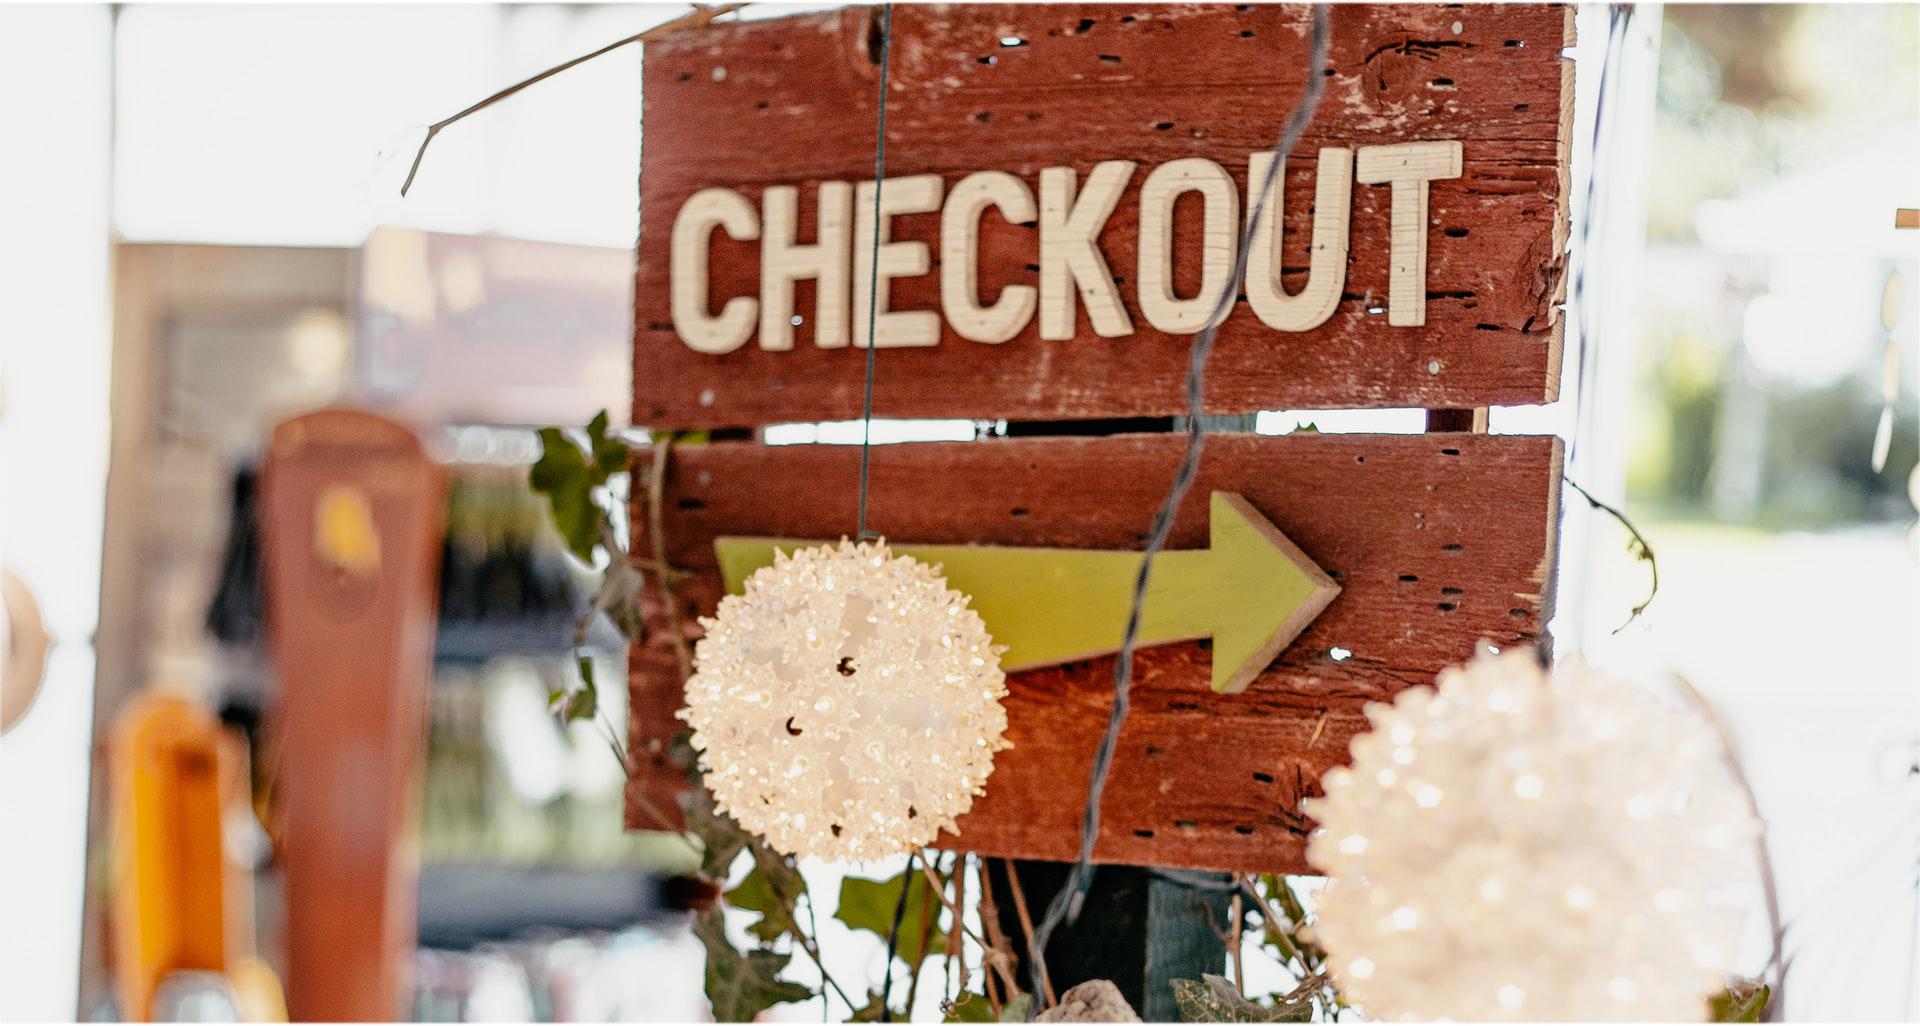 webshop checkout